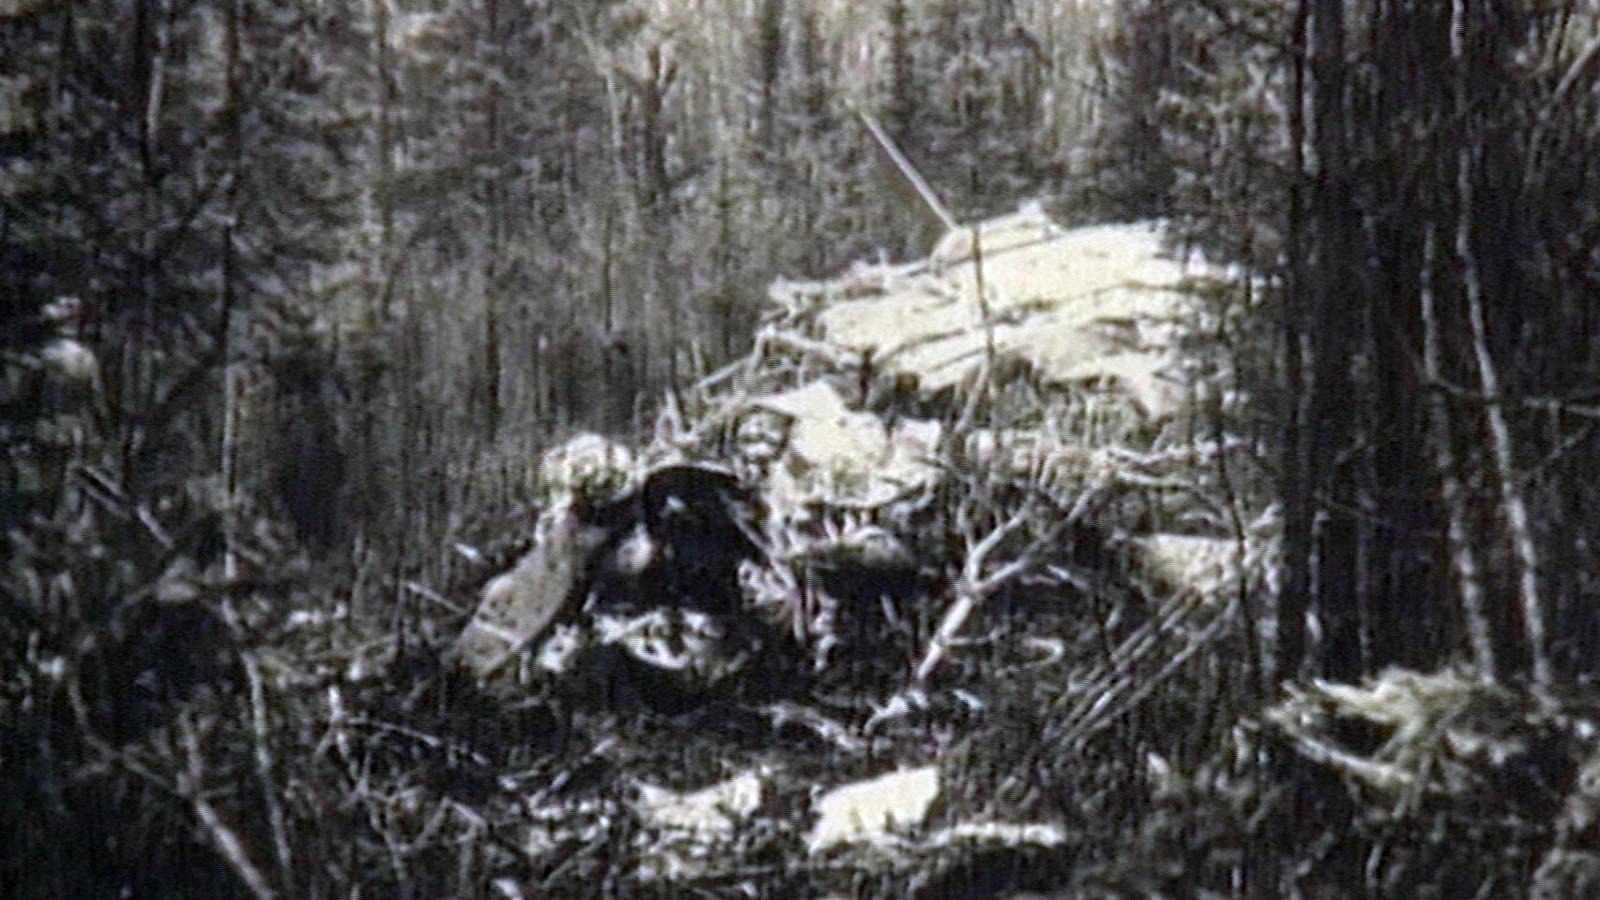 Une photo en noir et blanc des décombres d'un avion dans une zone boisée